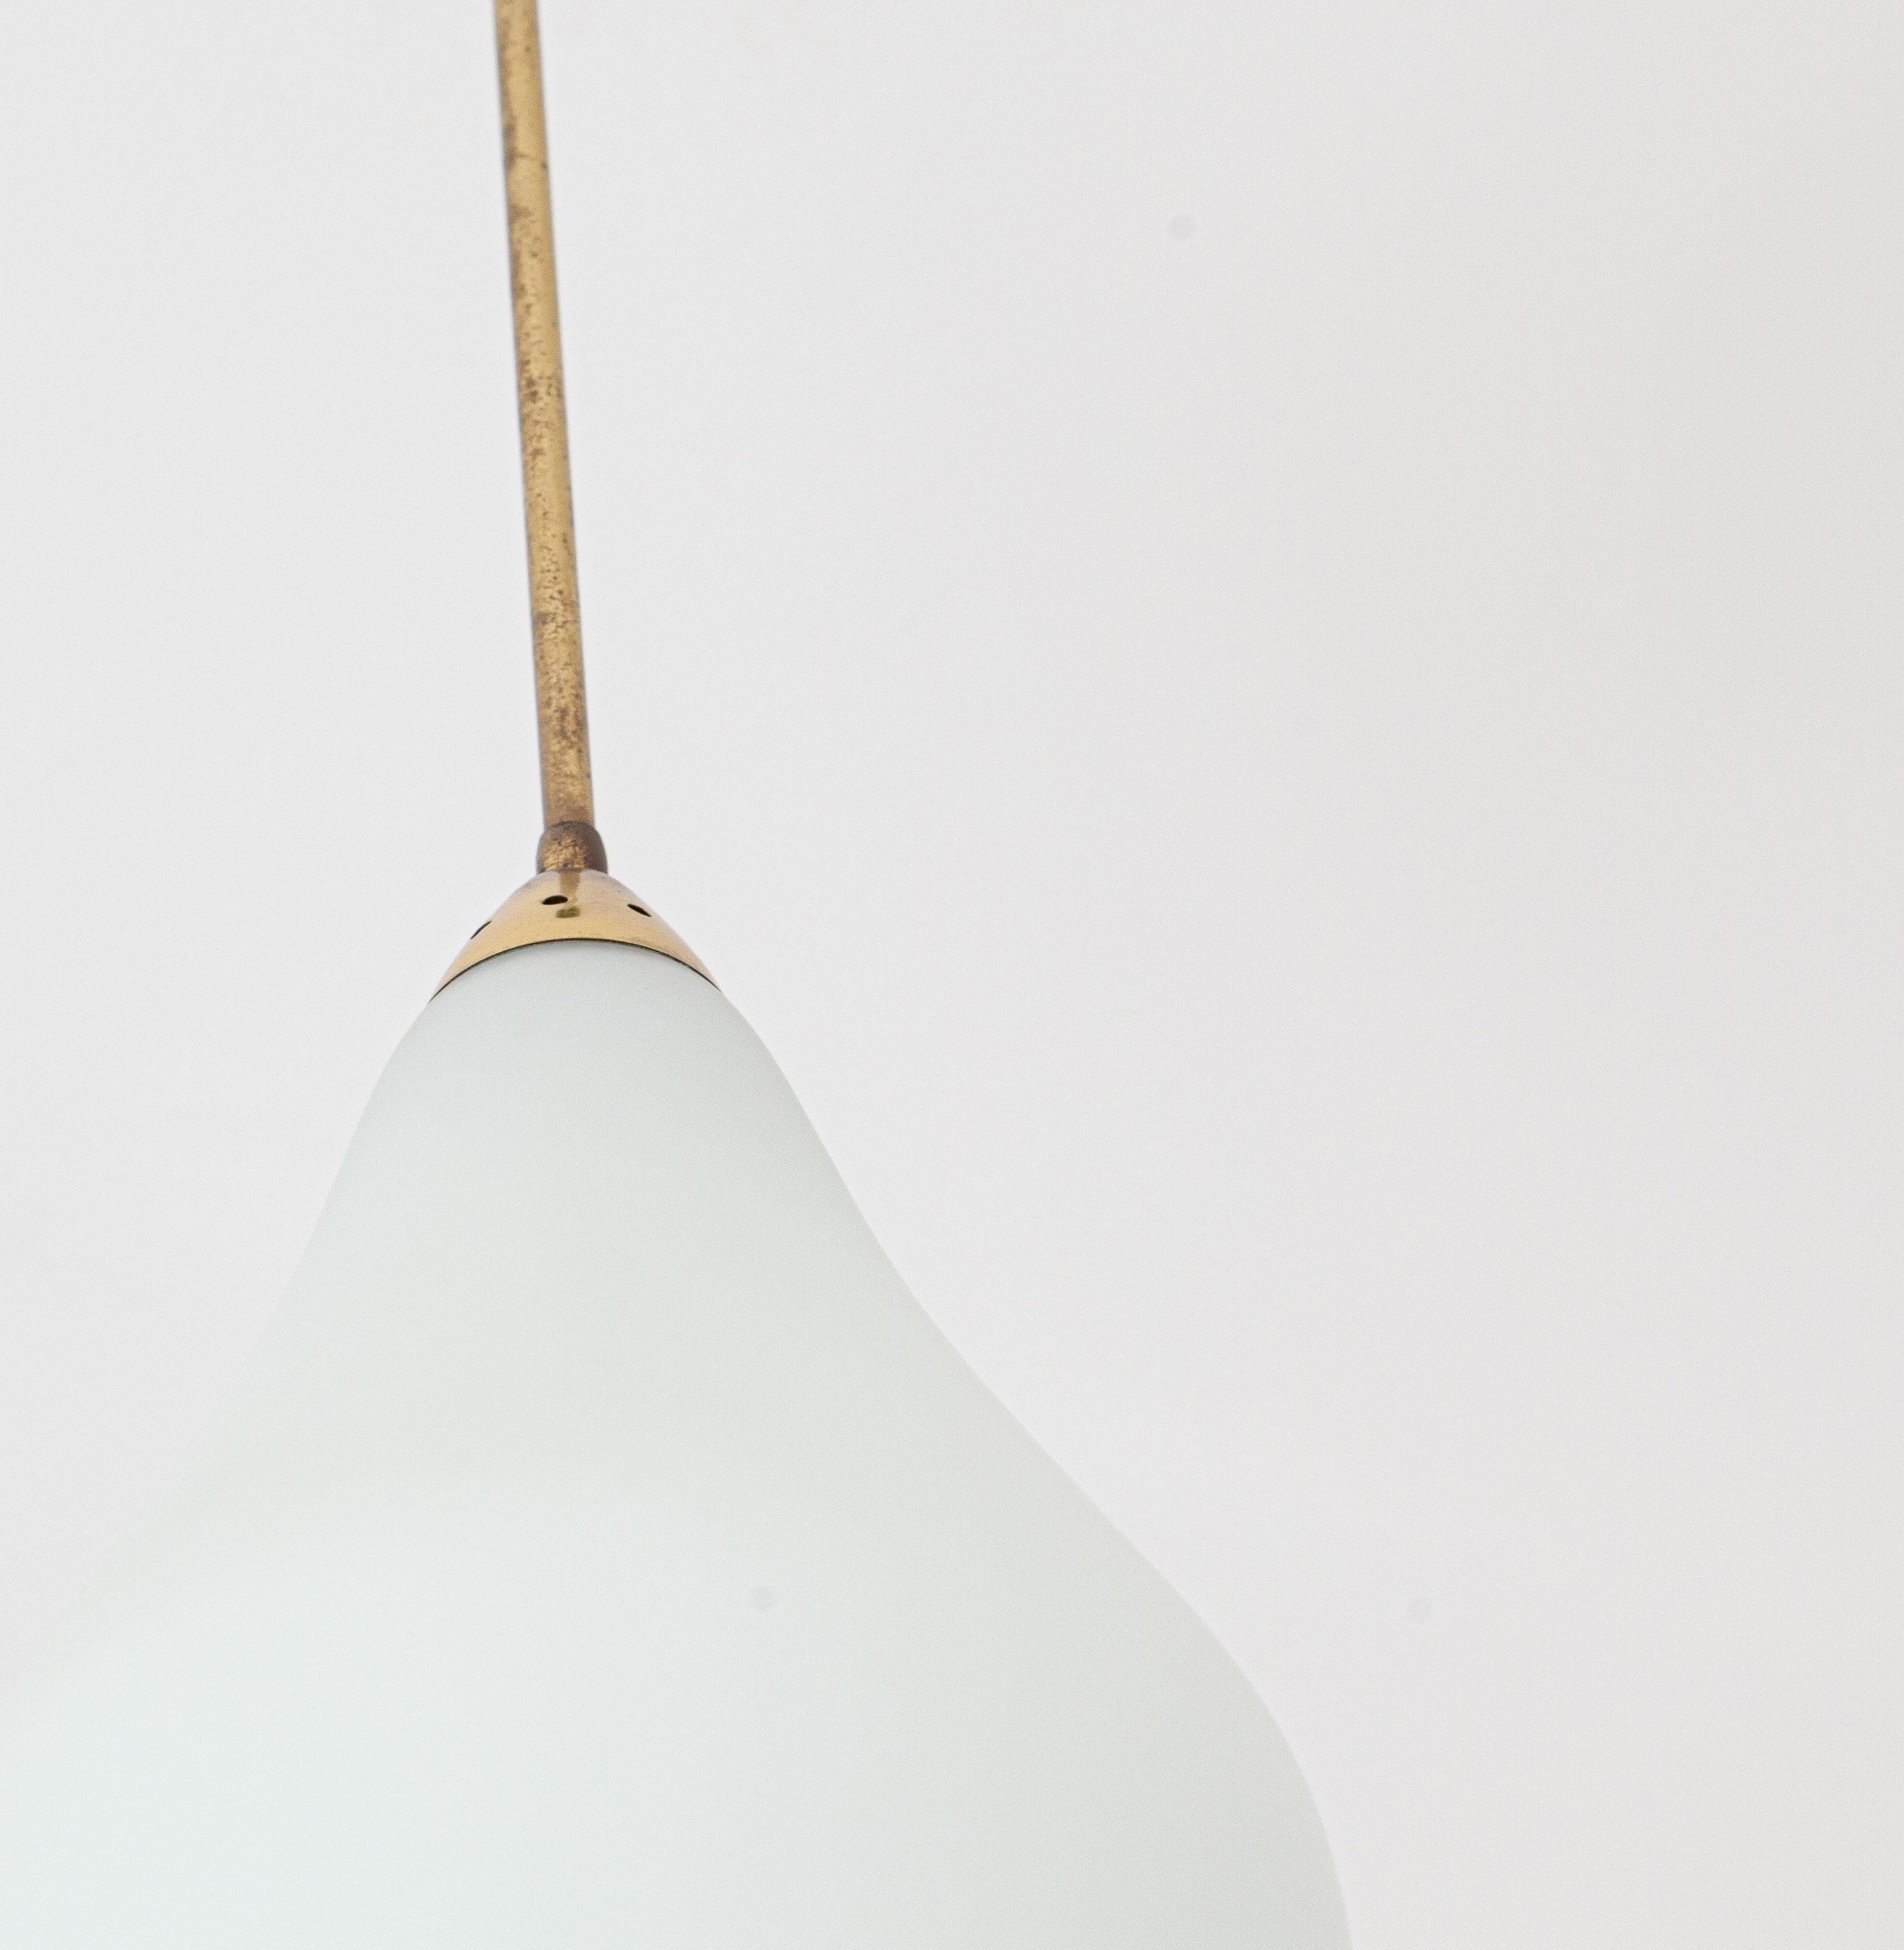 1950s-italian-opaline-glass-brass-pendant-lamp-6-l81